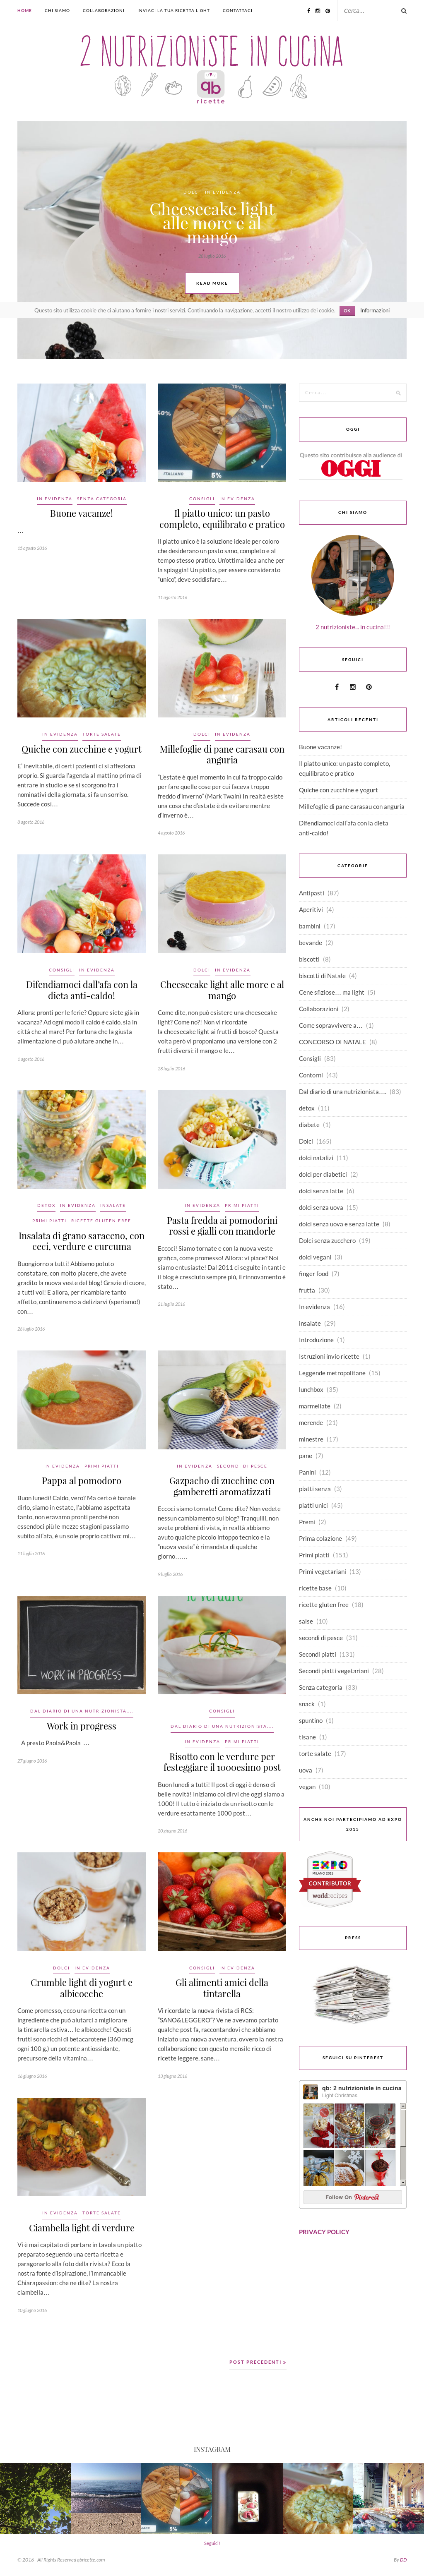 Cosa Cucinare Ad Agosto qb: 2 nutrizioniste in cucina competitors, revenue and